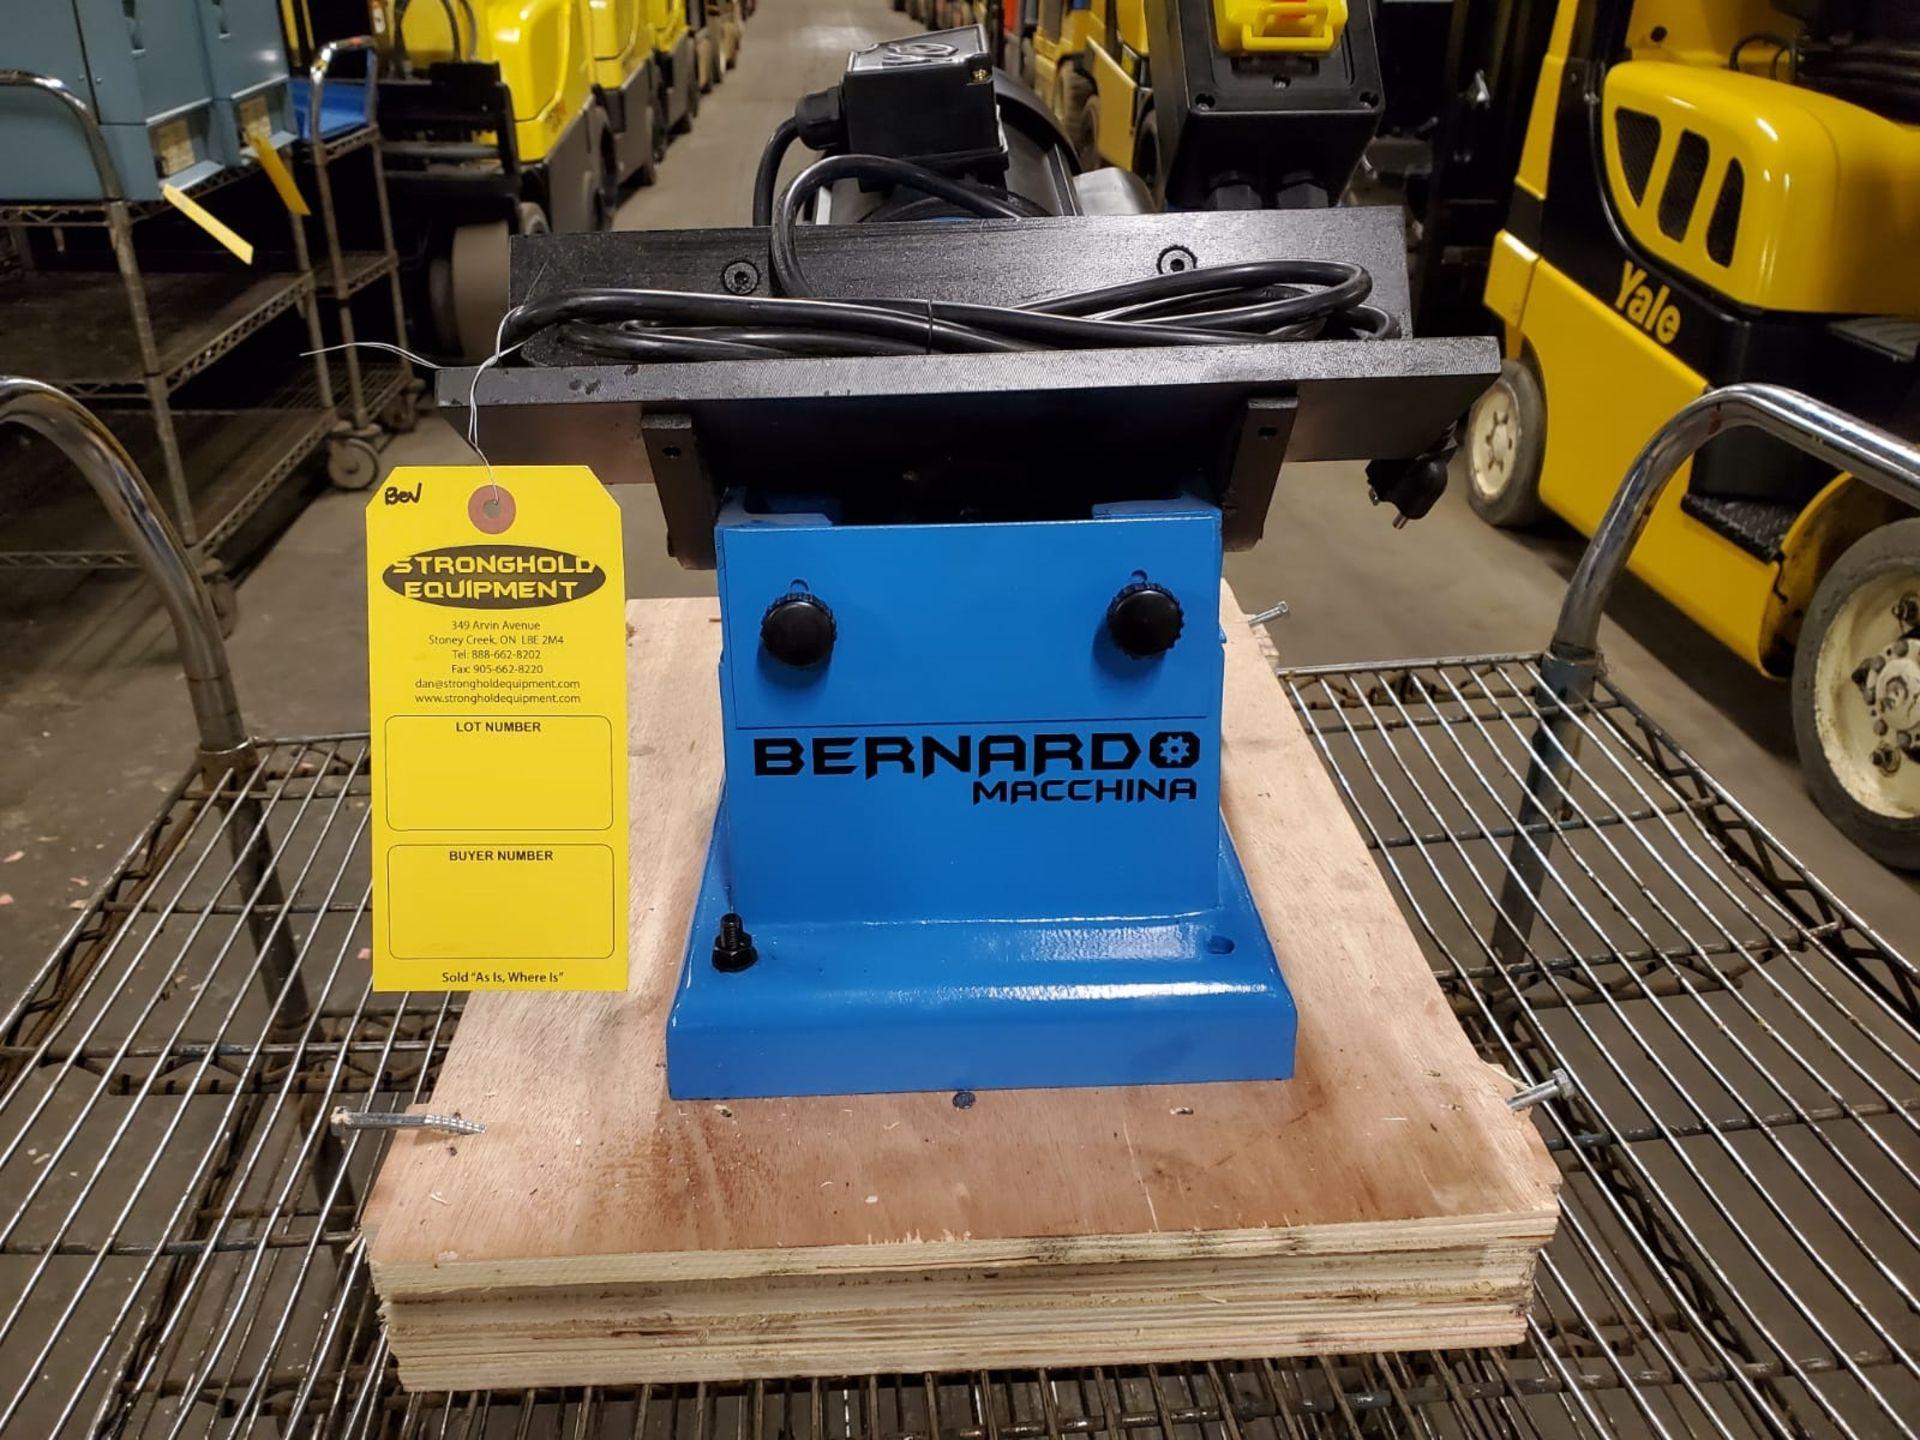 Bernardo Beveling Machine - Chamfering Beveler unit 115V 1 phase Unused MINT unit - Image 2 of 3